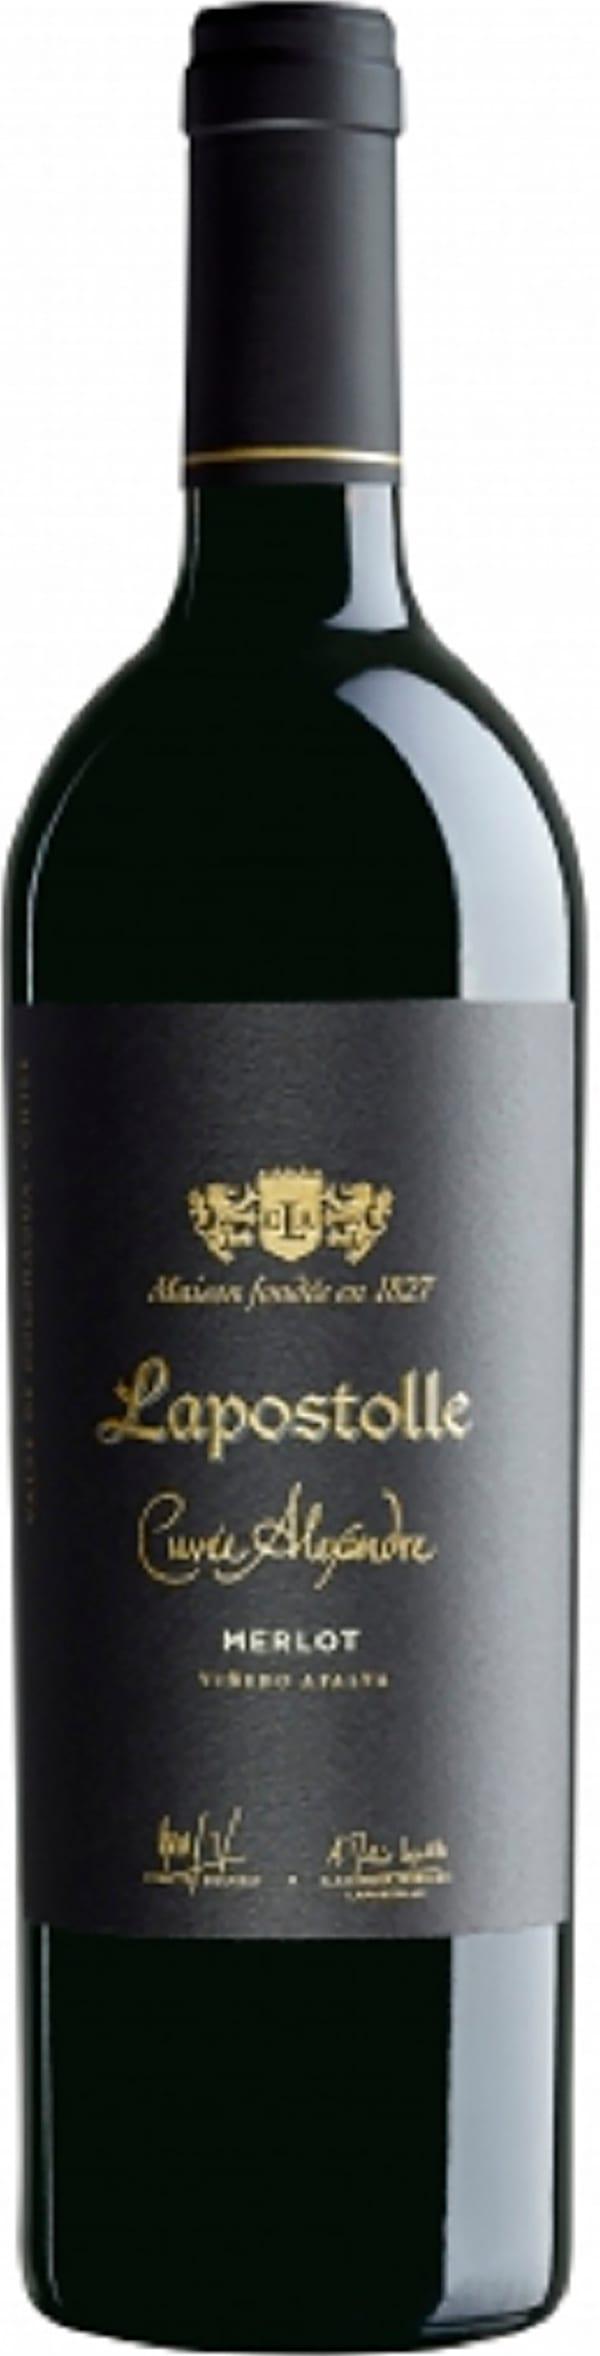 Lapostolle Cuvée Alexandre Merlot 2014